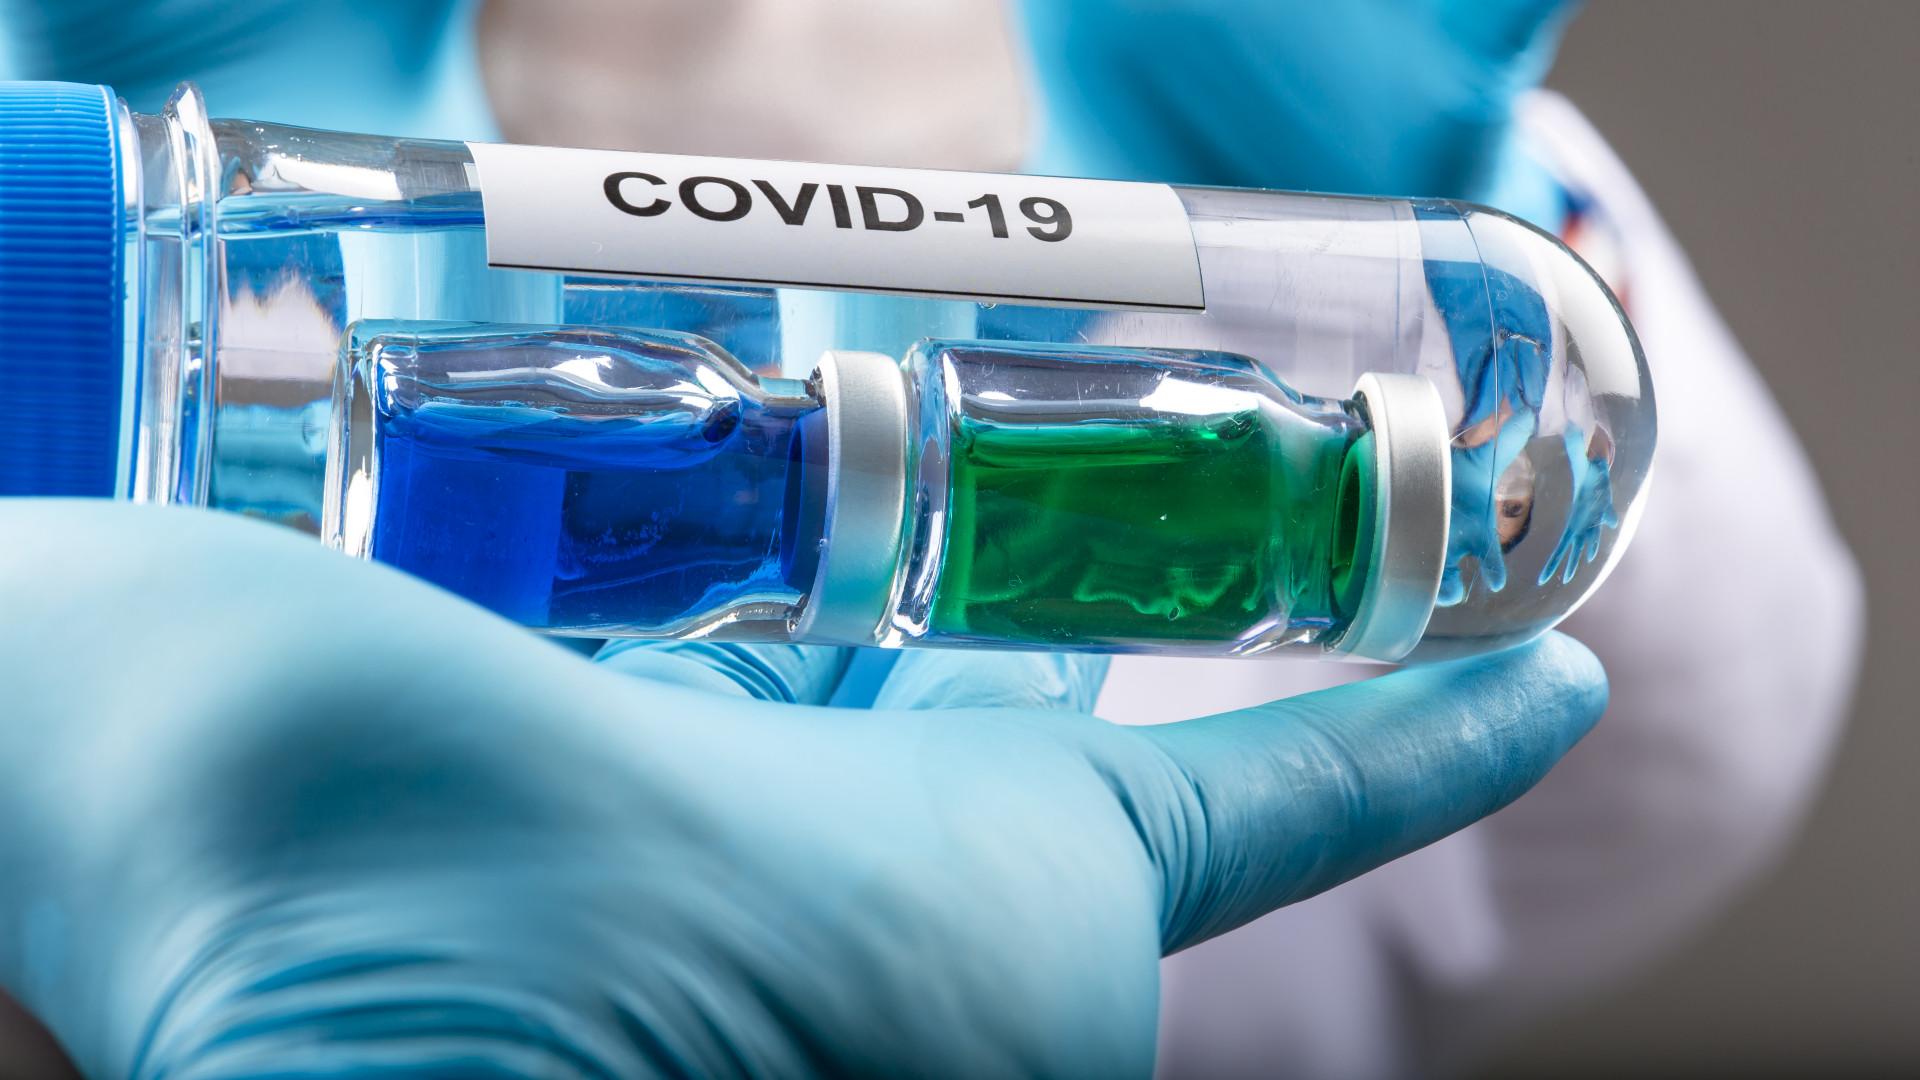 Elindult az egyik ígéretes koronavírus-gyógyszer gyorsított engedélyezése